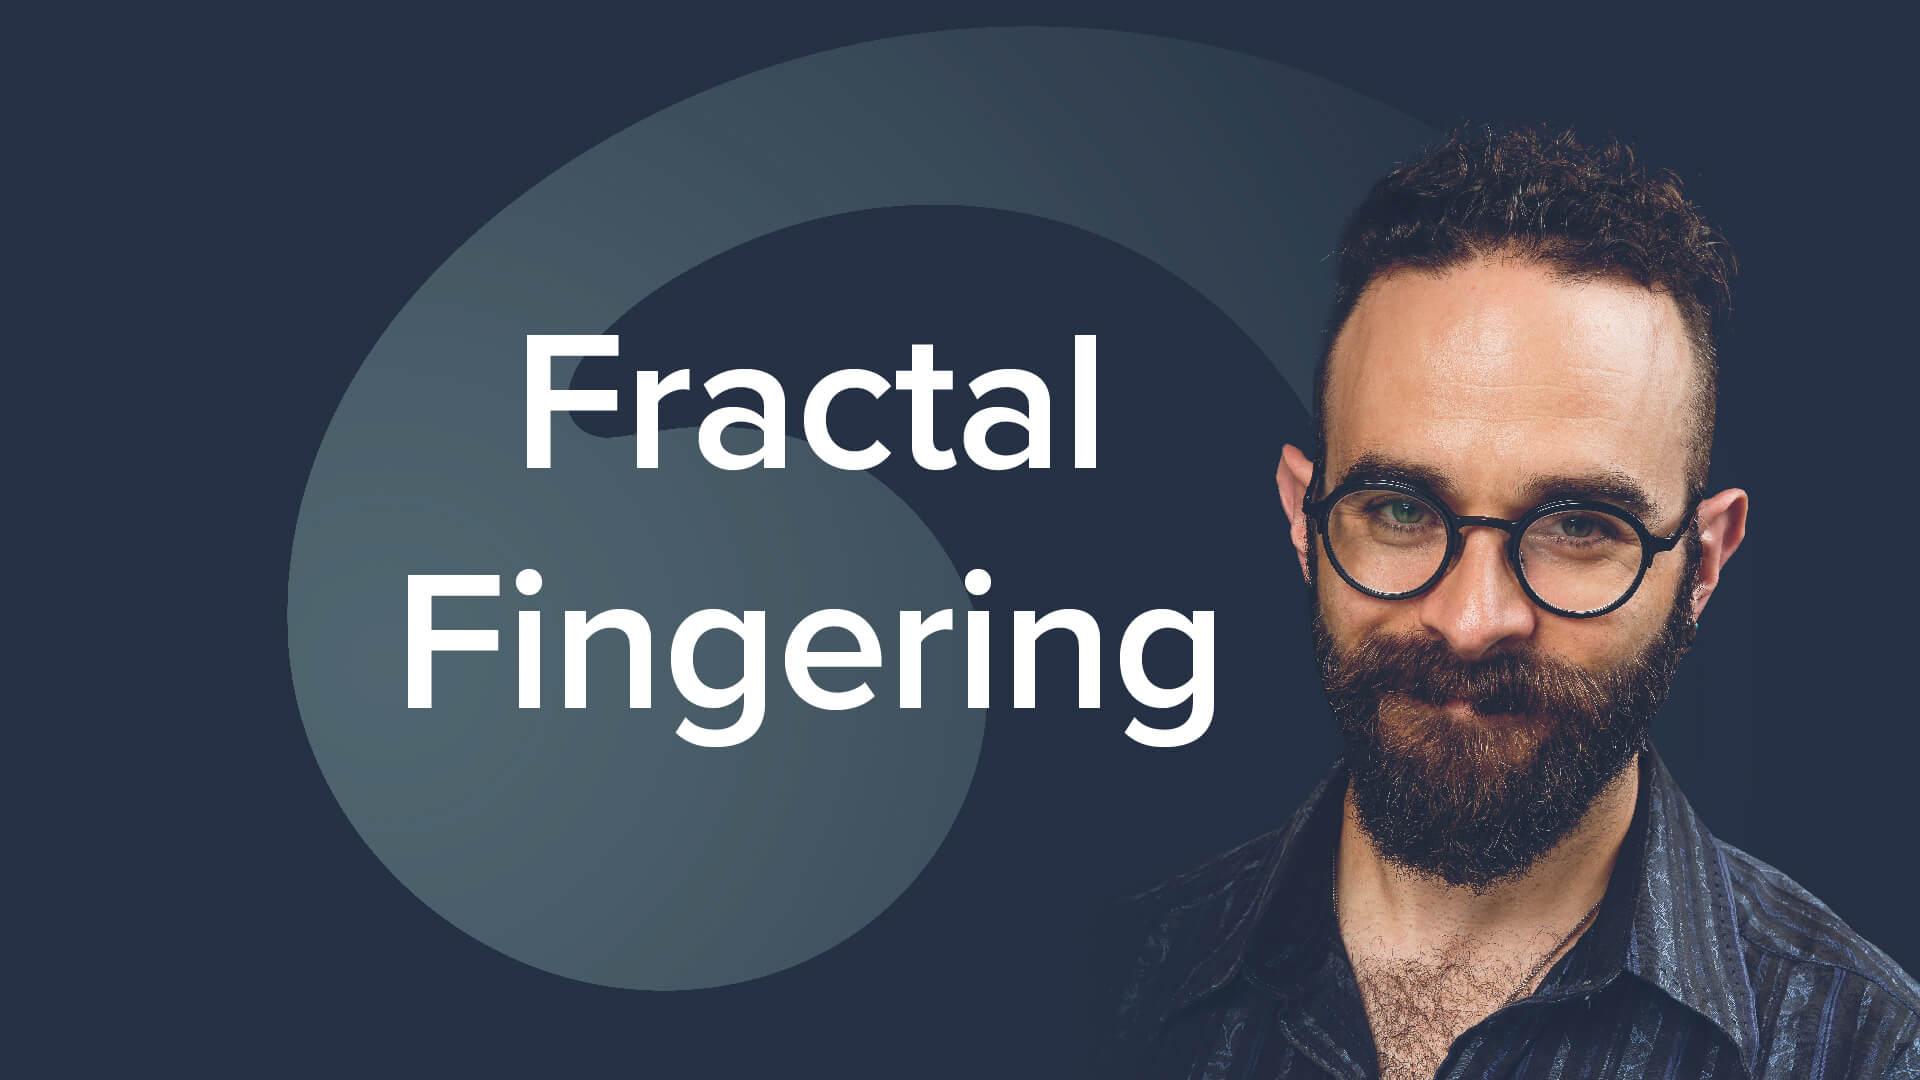 Fractal Fingering